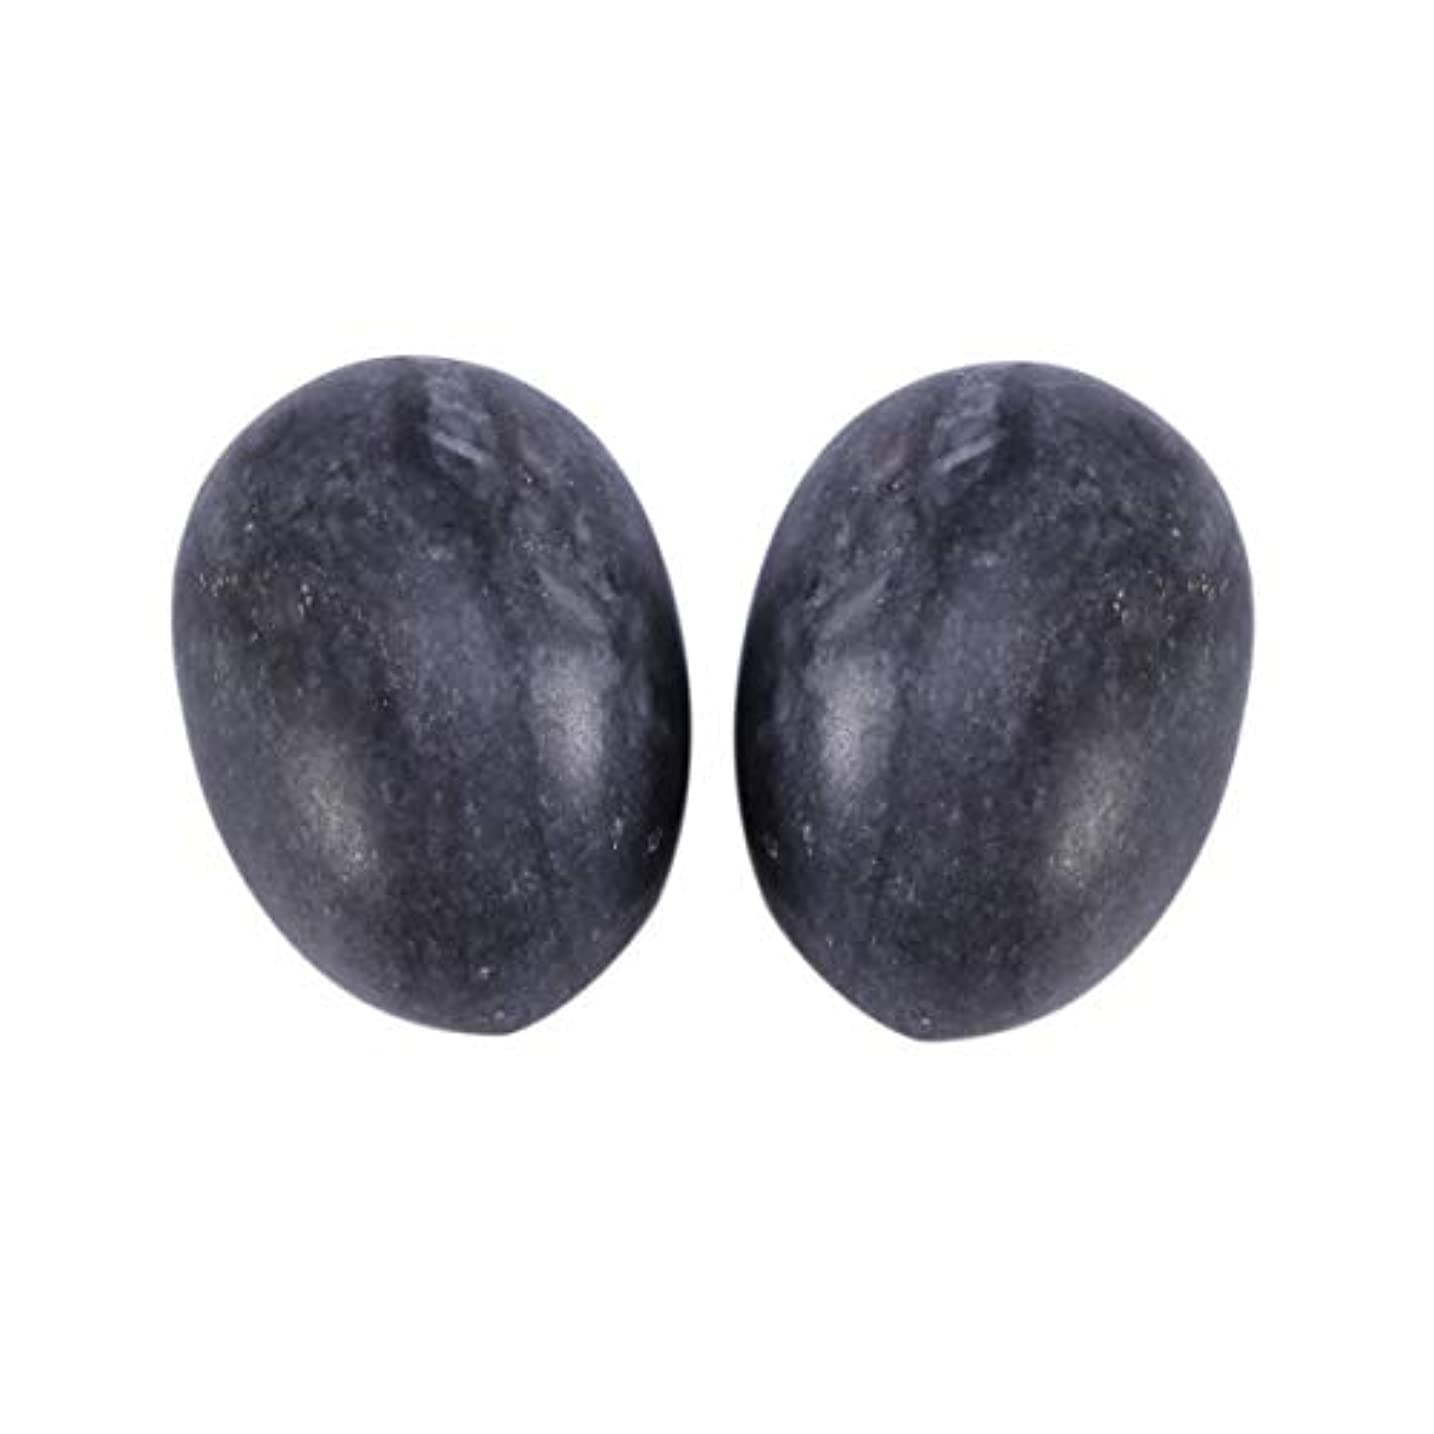 上がる浅いアクセルSUPVOX 6本ネフライトジェイドヨニエッグジェイドヨニマッサージストーンチャクラ骨盤筋肉癒しの卵マッサージケゲルエクササイズ(ブラックブルージェイドエッグ)